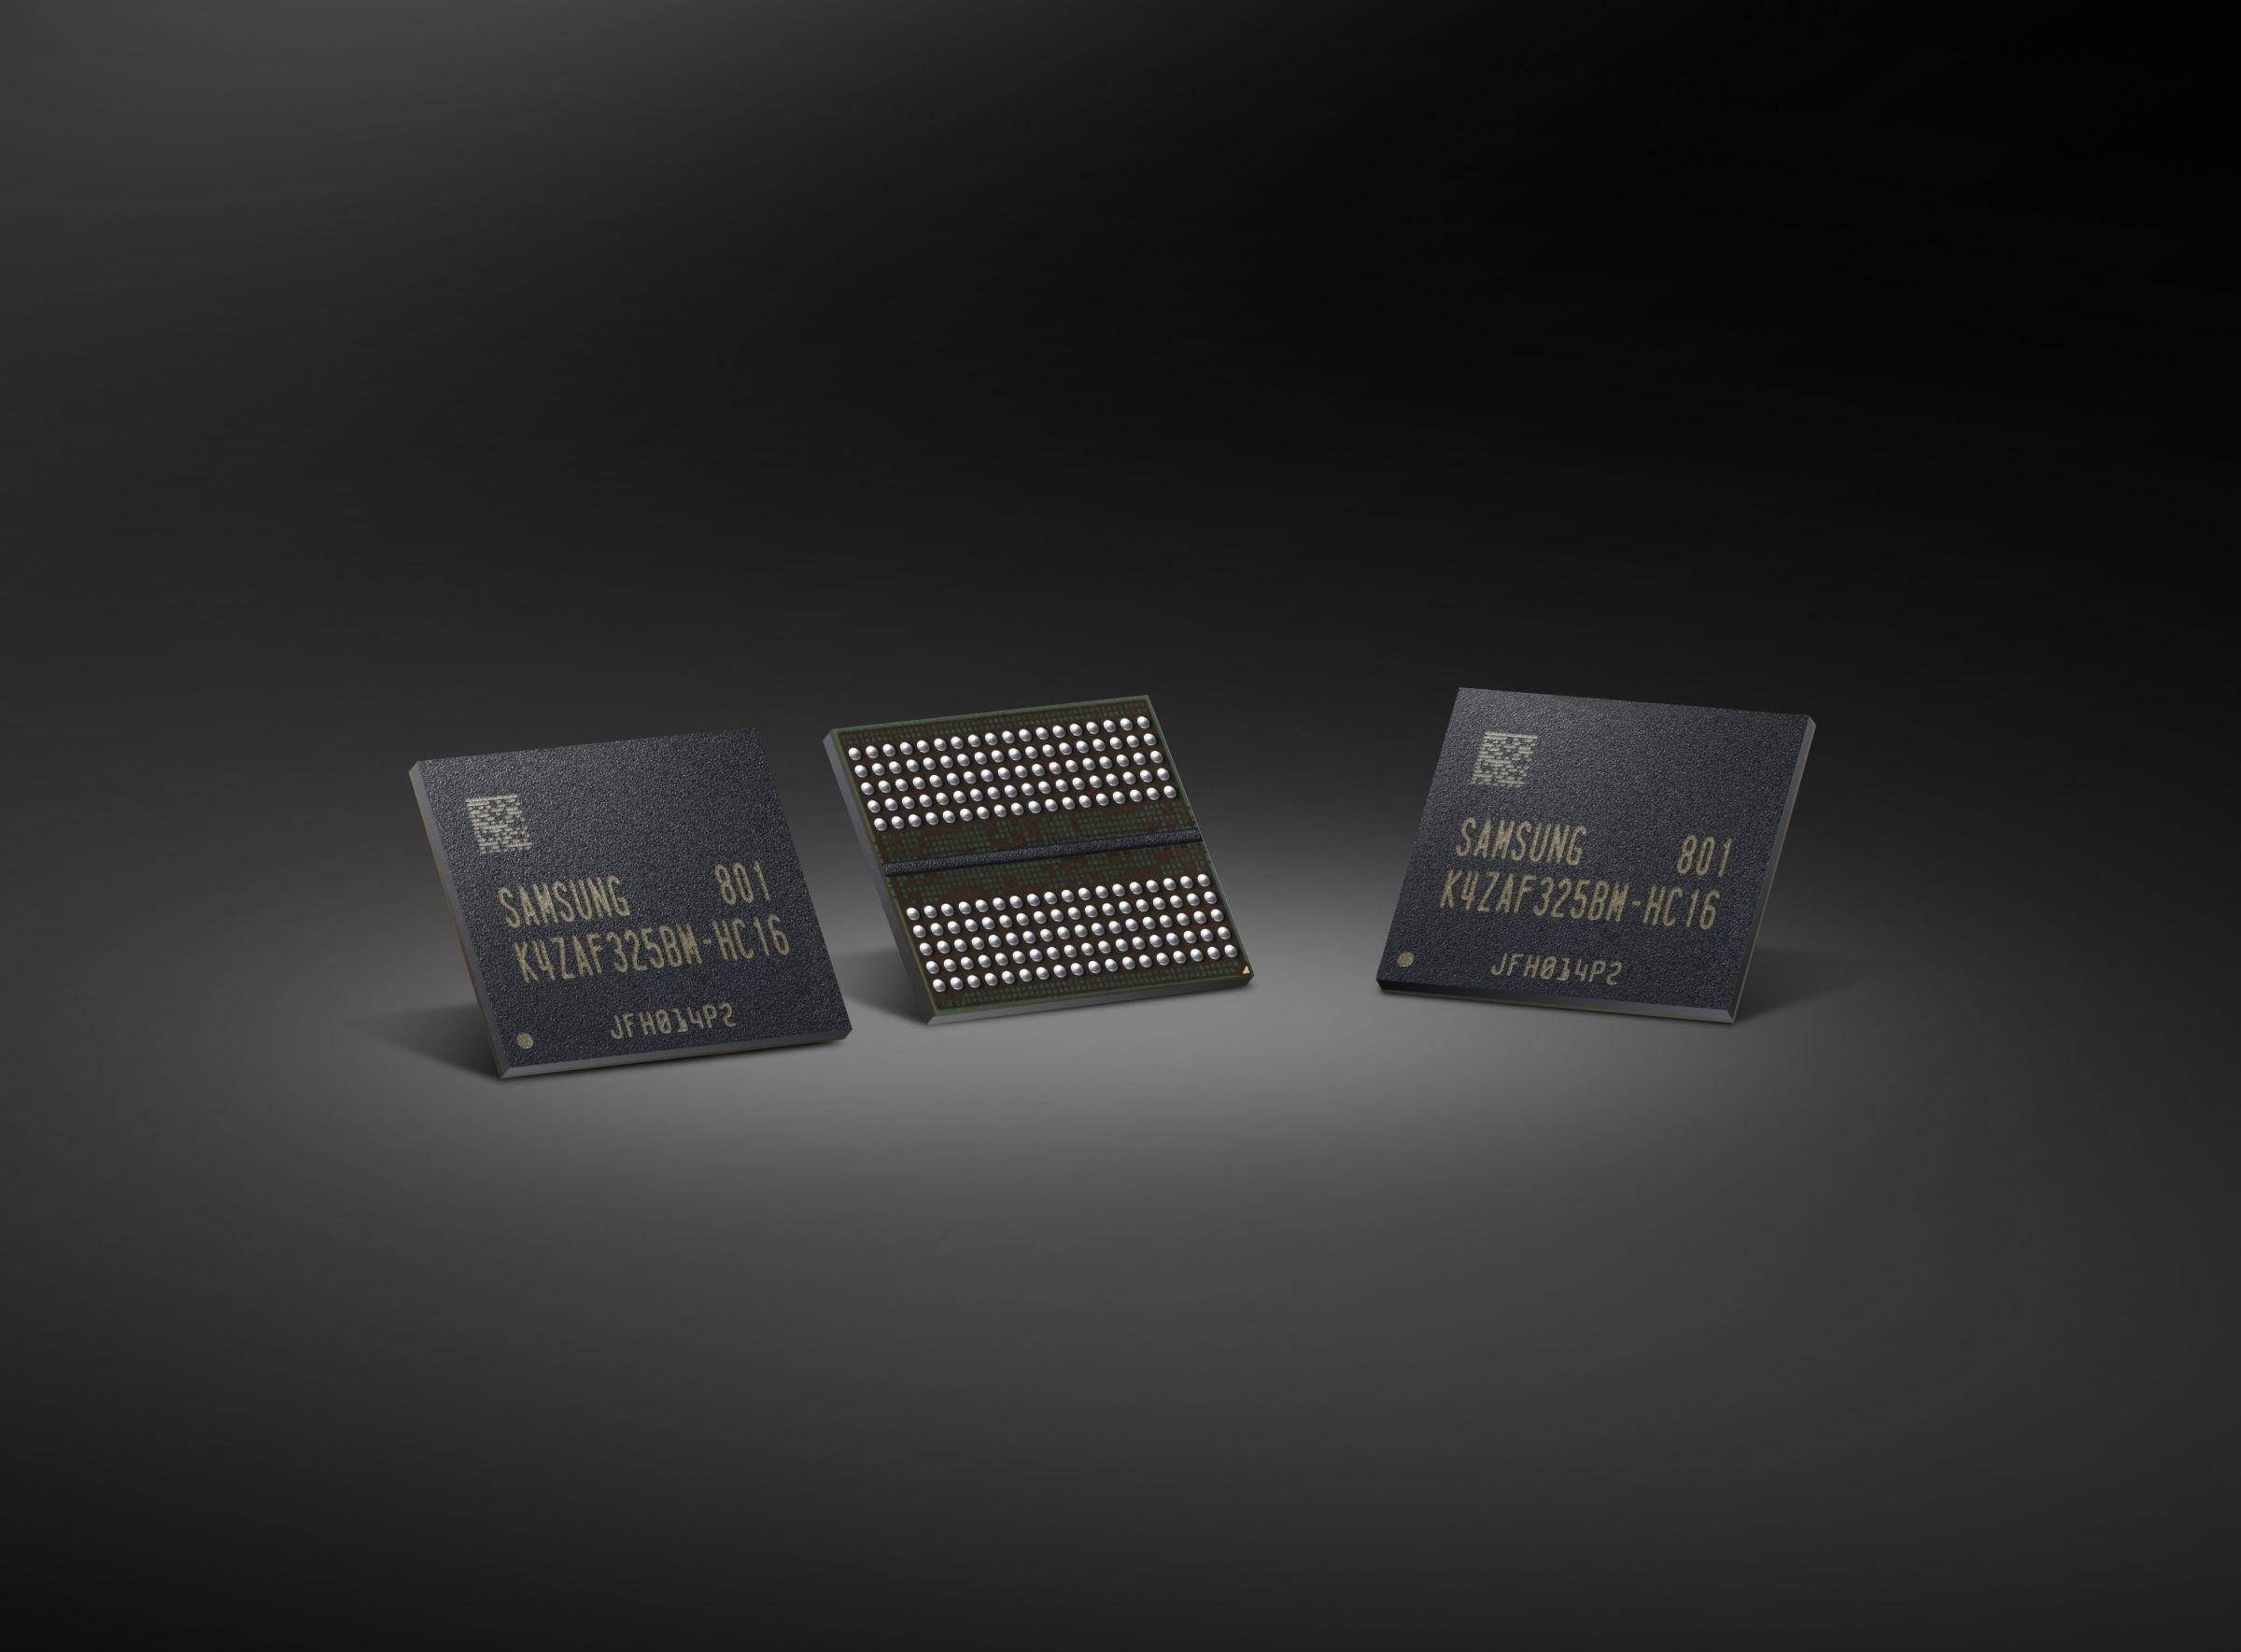 Самсунг начала производство памяти GDDR6 для видеокарт и иных систем